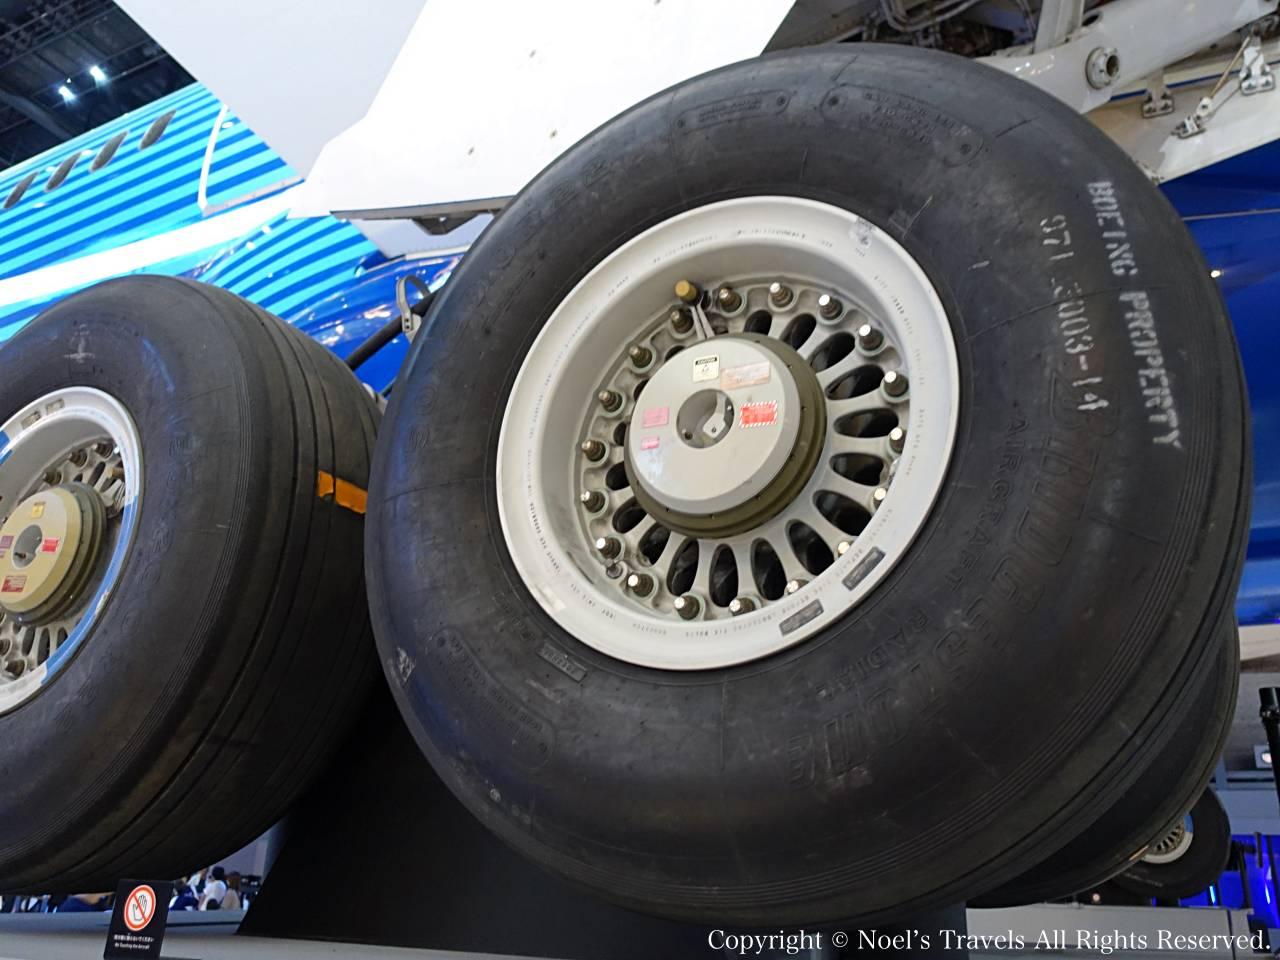 ボーイング787のタイヤ (フライトオブドリームズ)